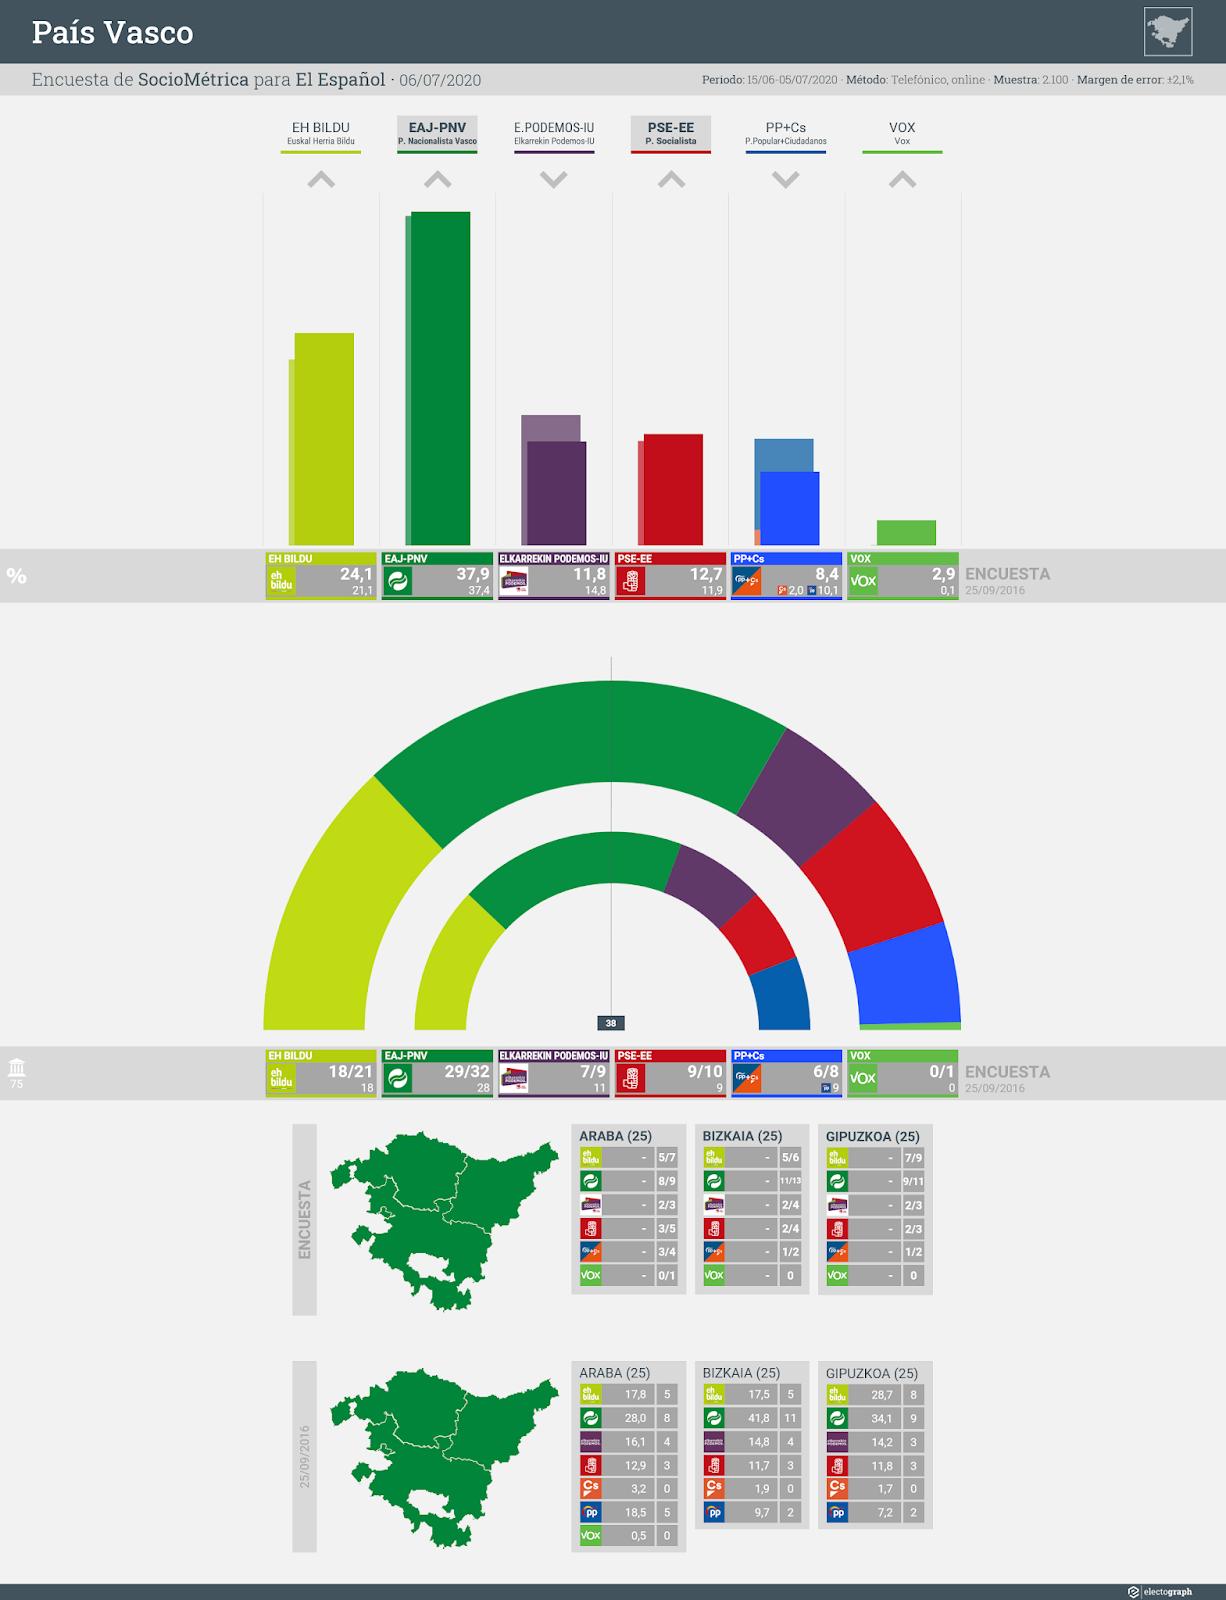 Gráfico de la encuesta para elecciones autonómicas en el País Vasco realizada por SocioMétrica para El Español, 6 de julio de 2020